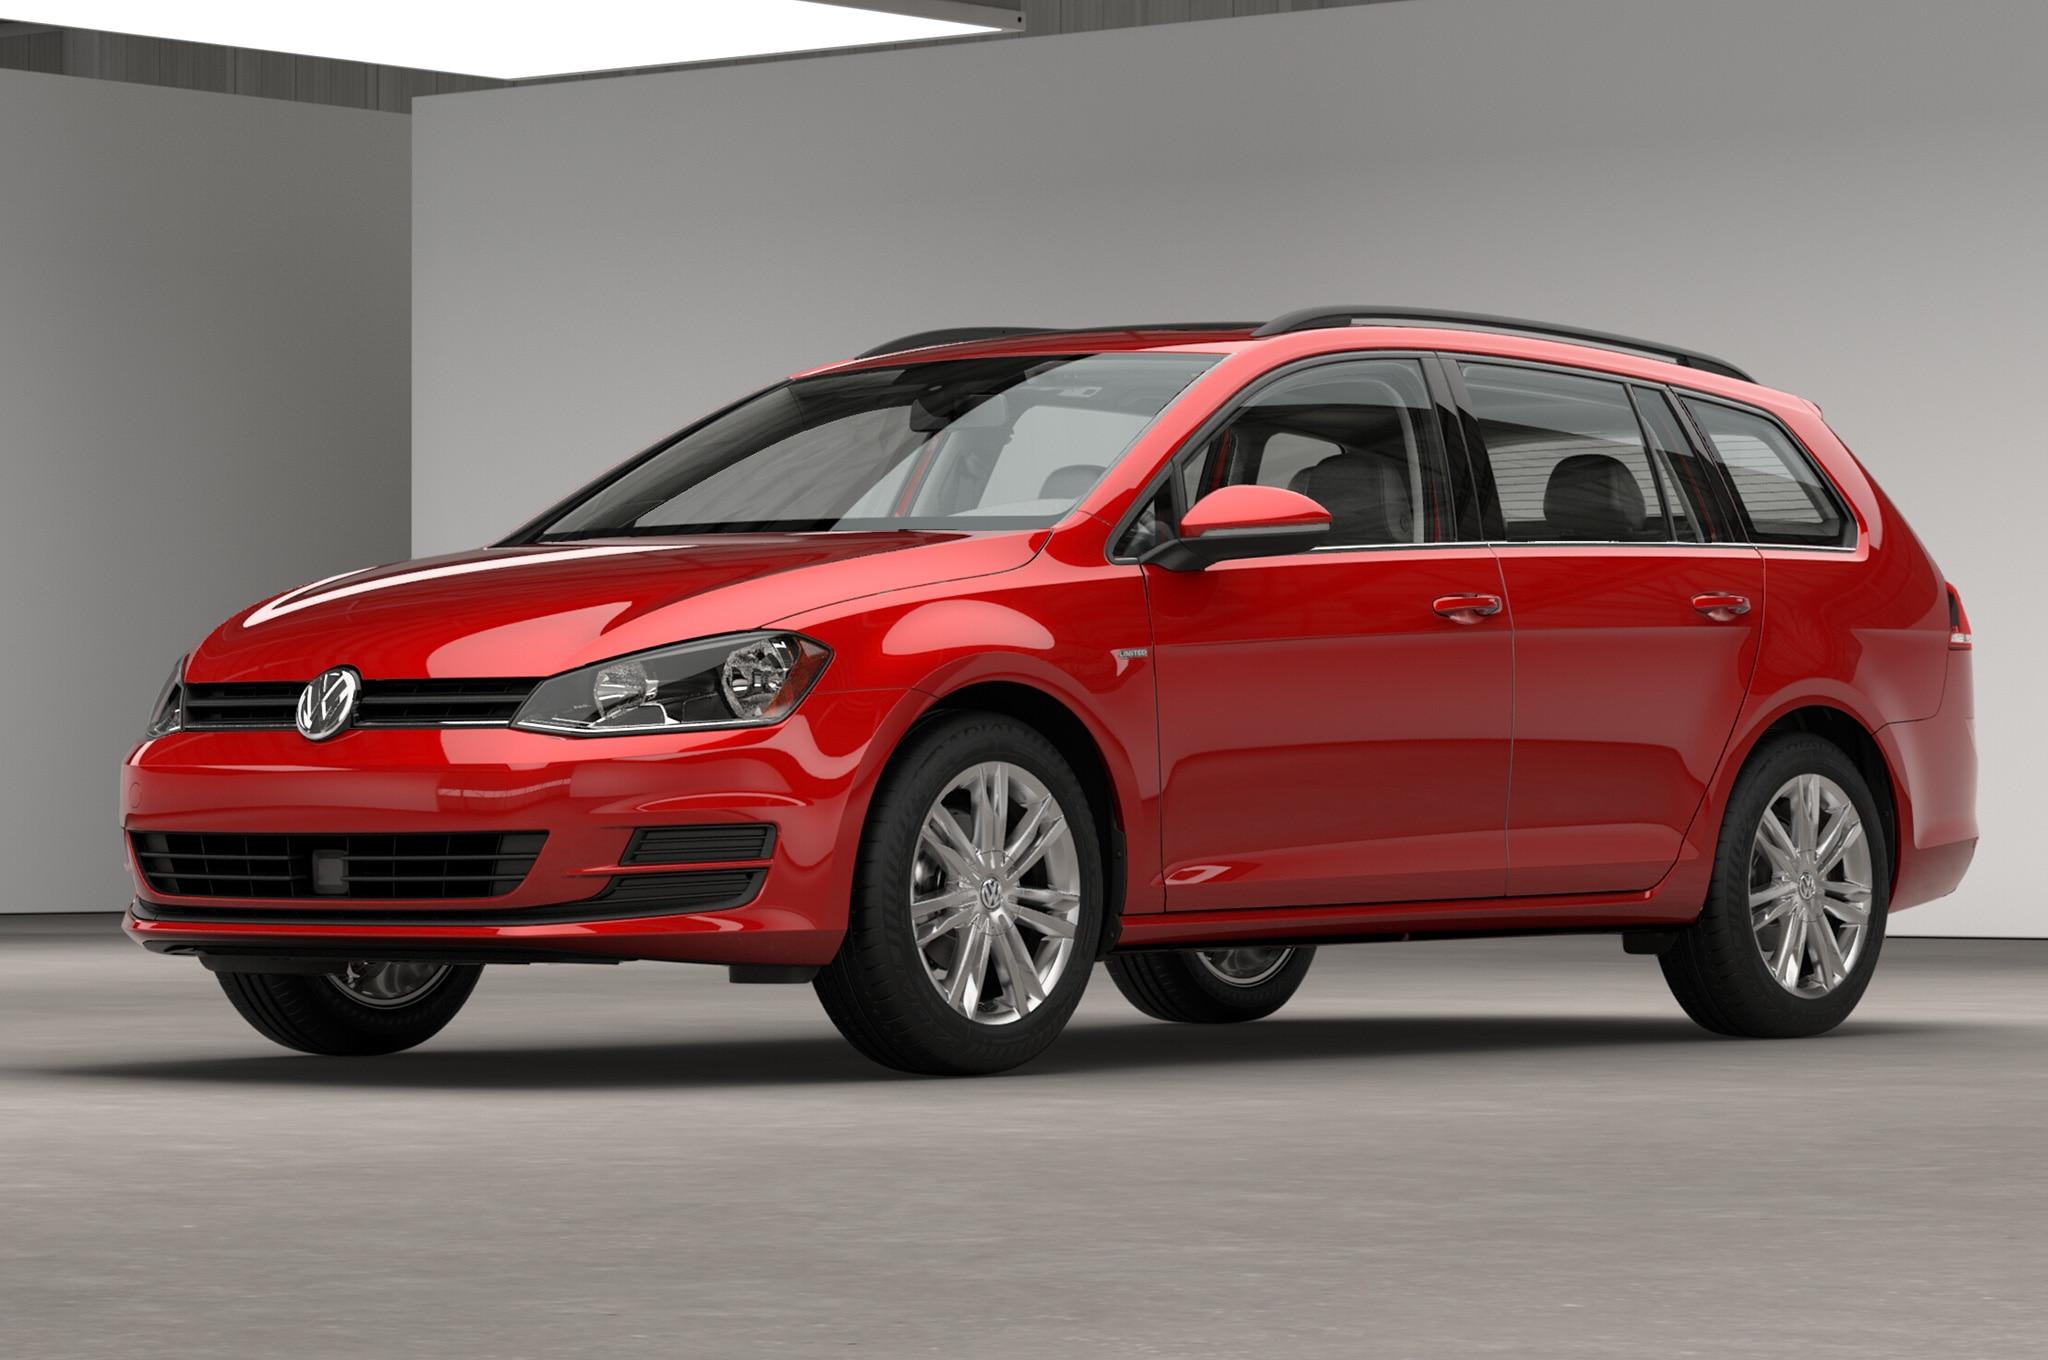 2016 Volkswagen Golf Sportwagen Limited Edition Front Three Quarter Studio